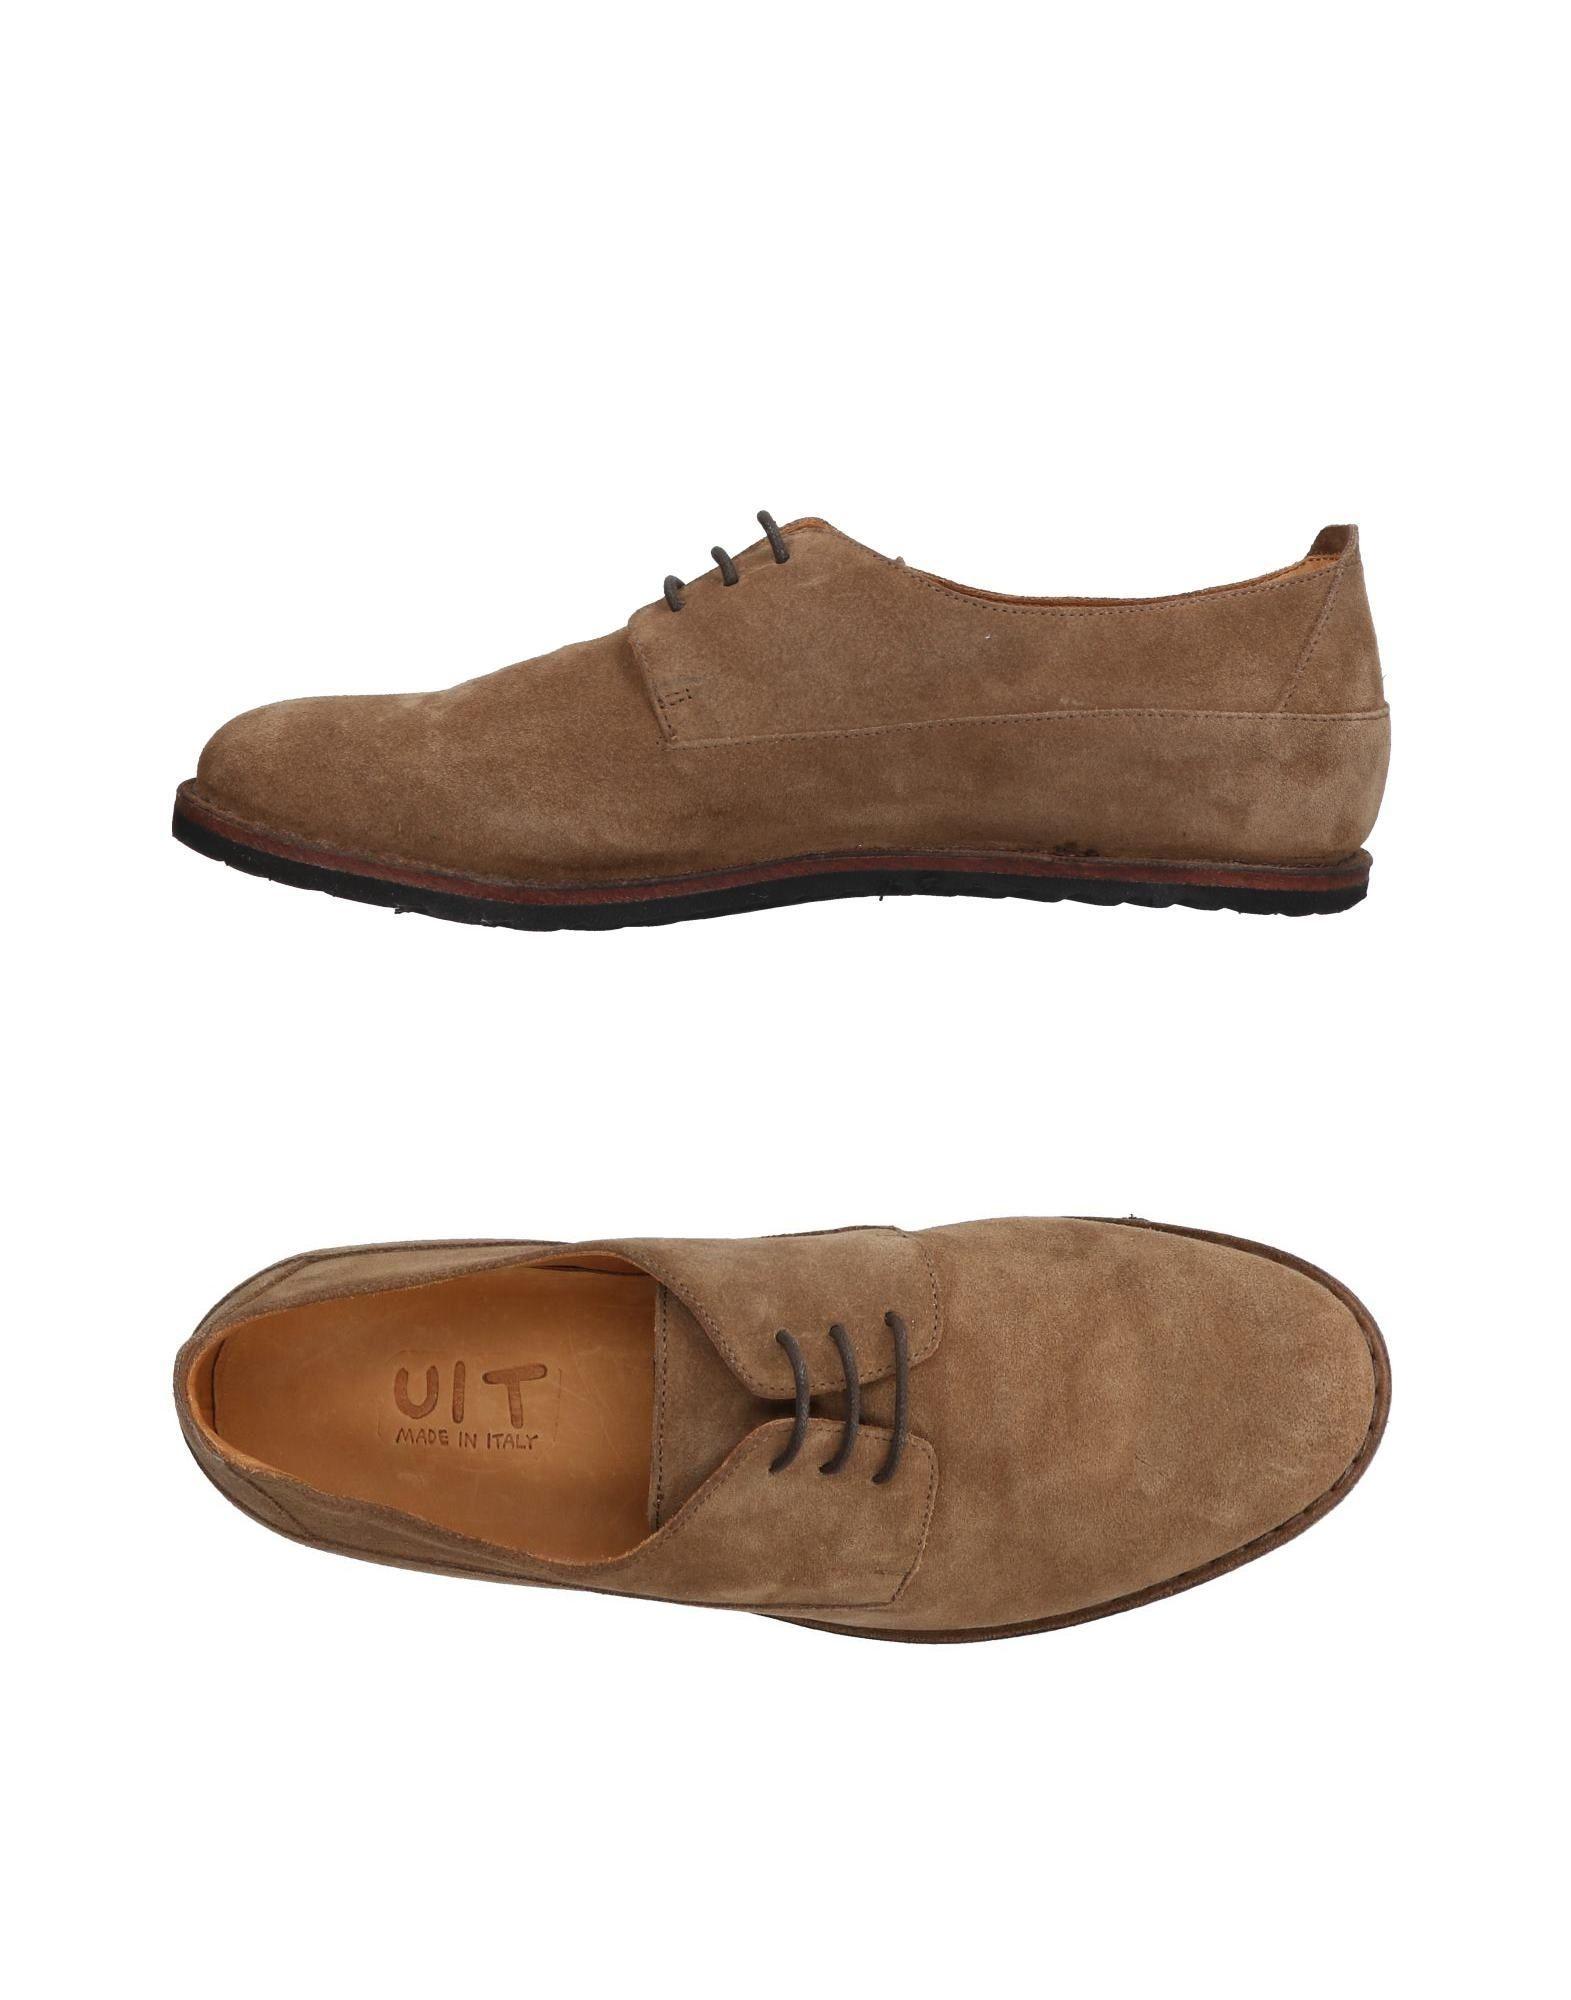 UIT Обувь на шнурках цены онлайн